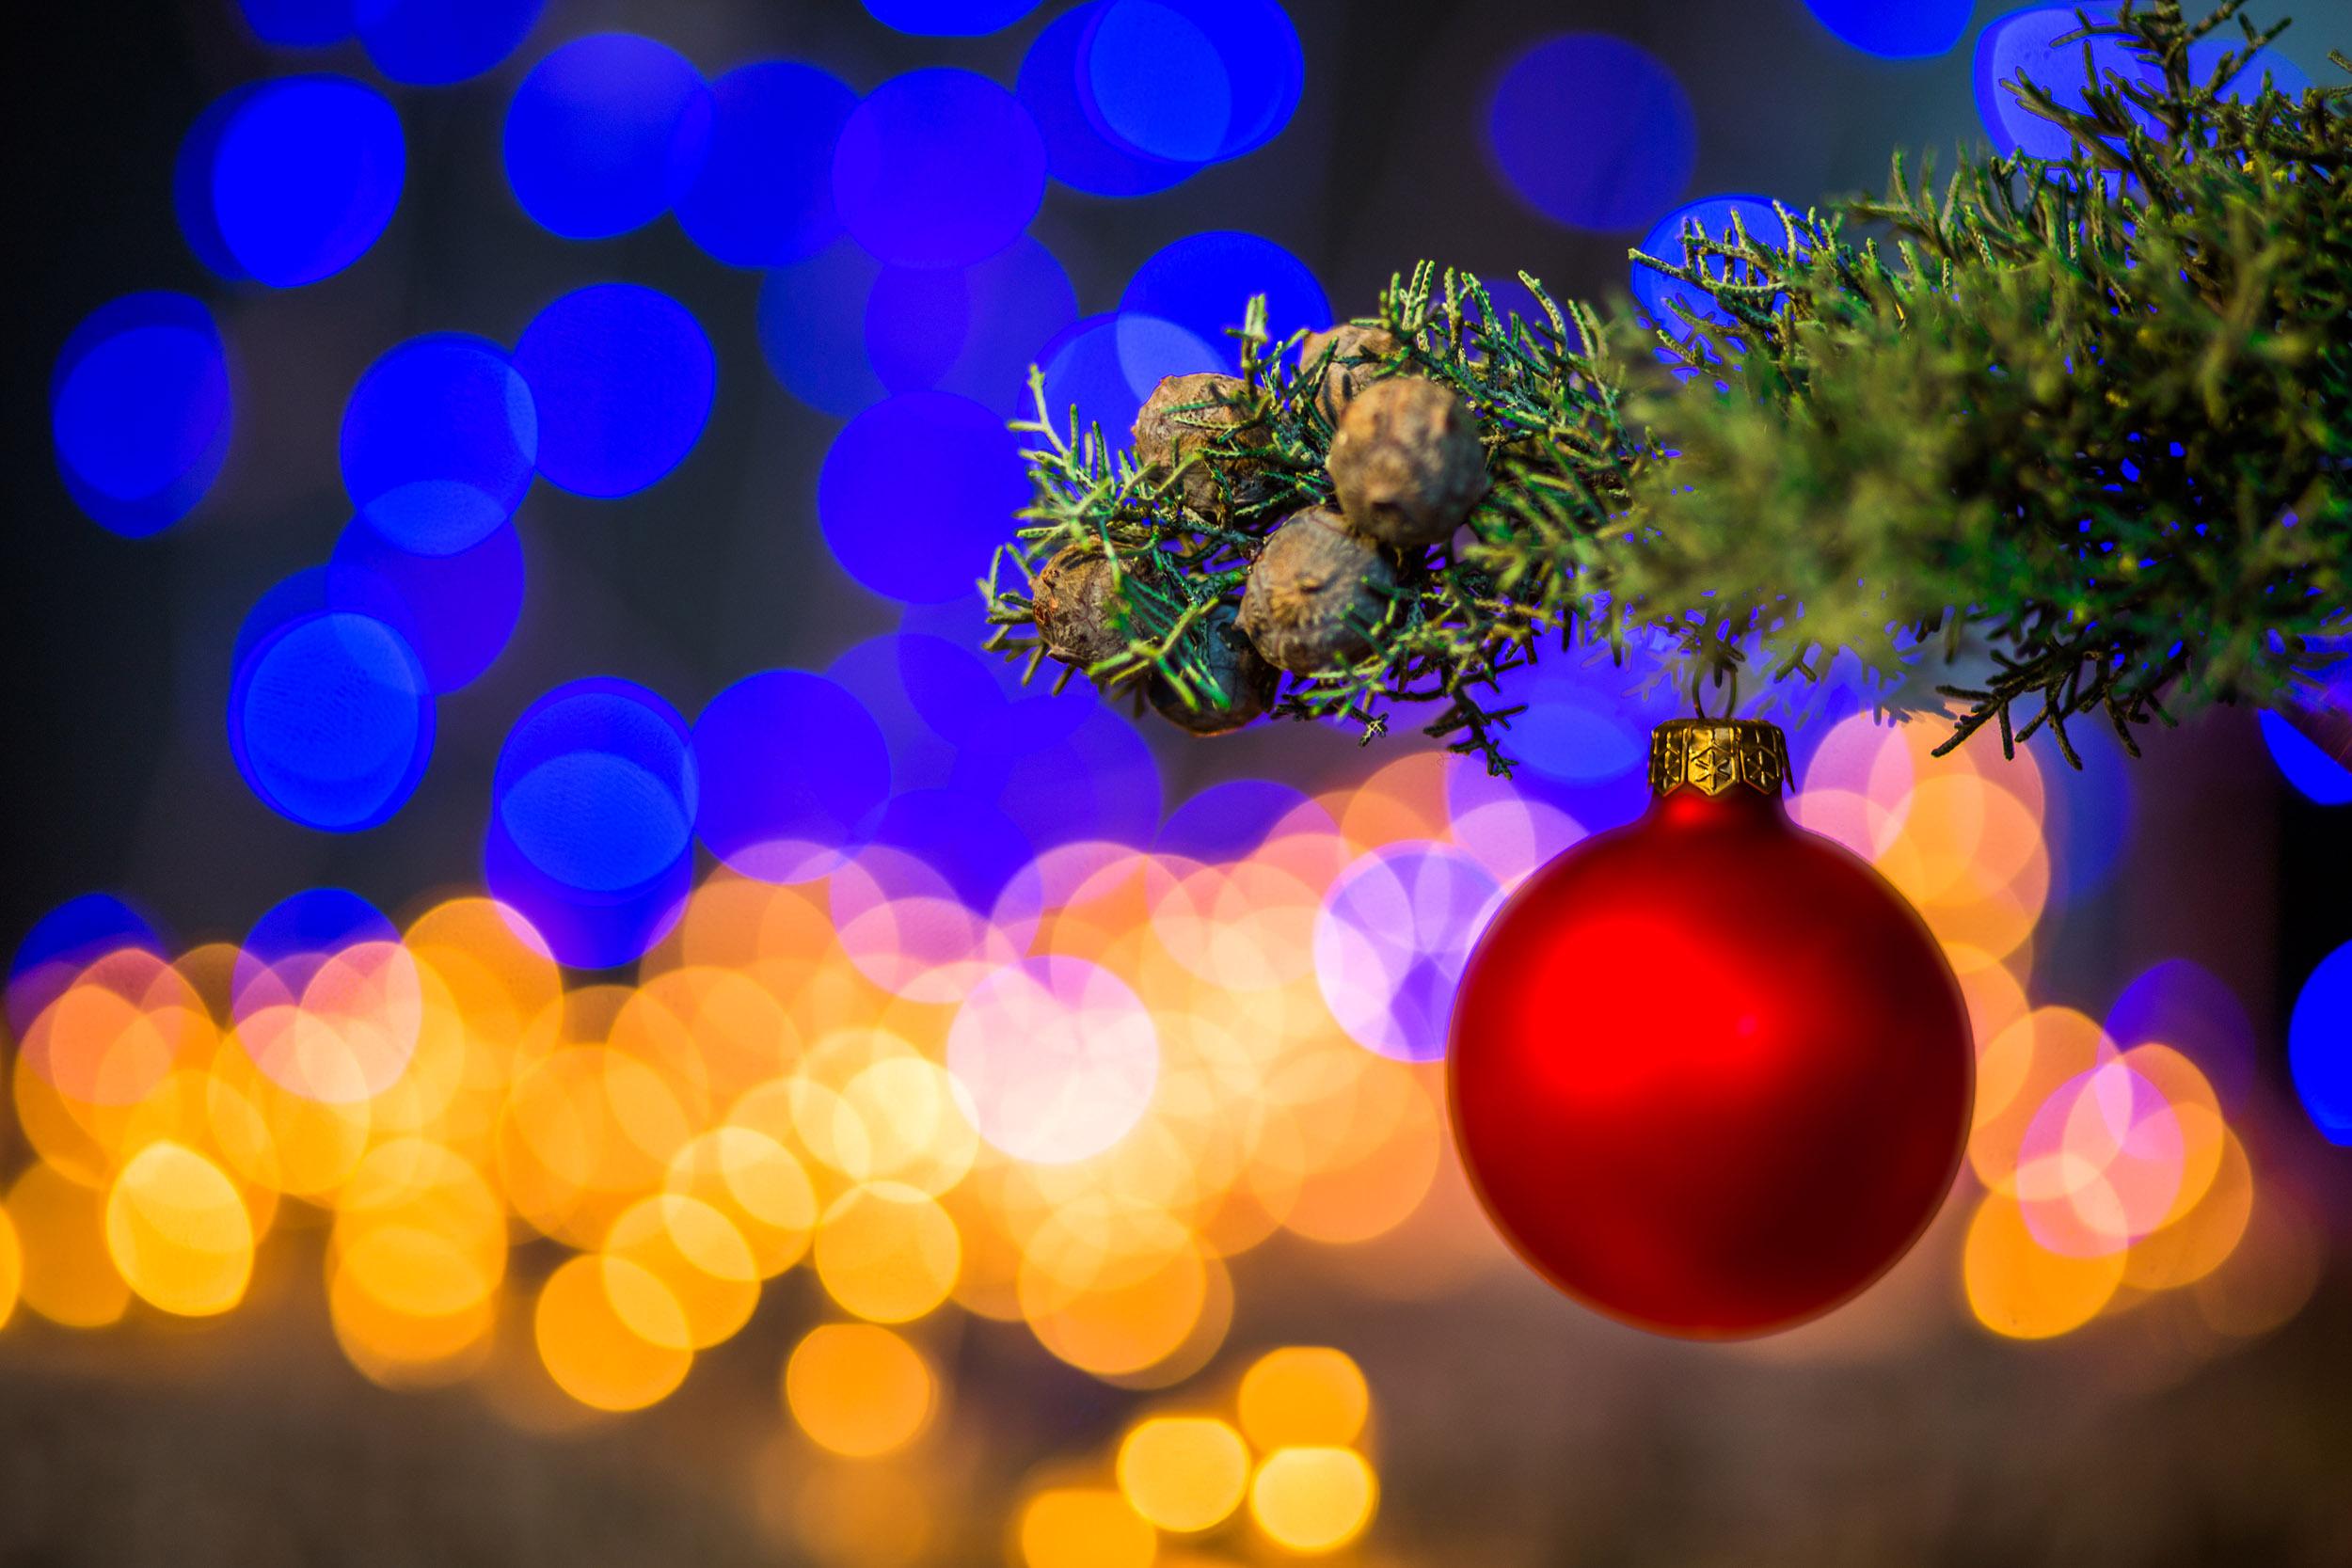 Fotografiar árbol de Navidad con fondo desenfocado